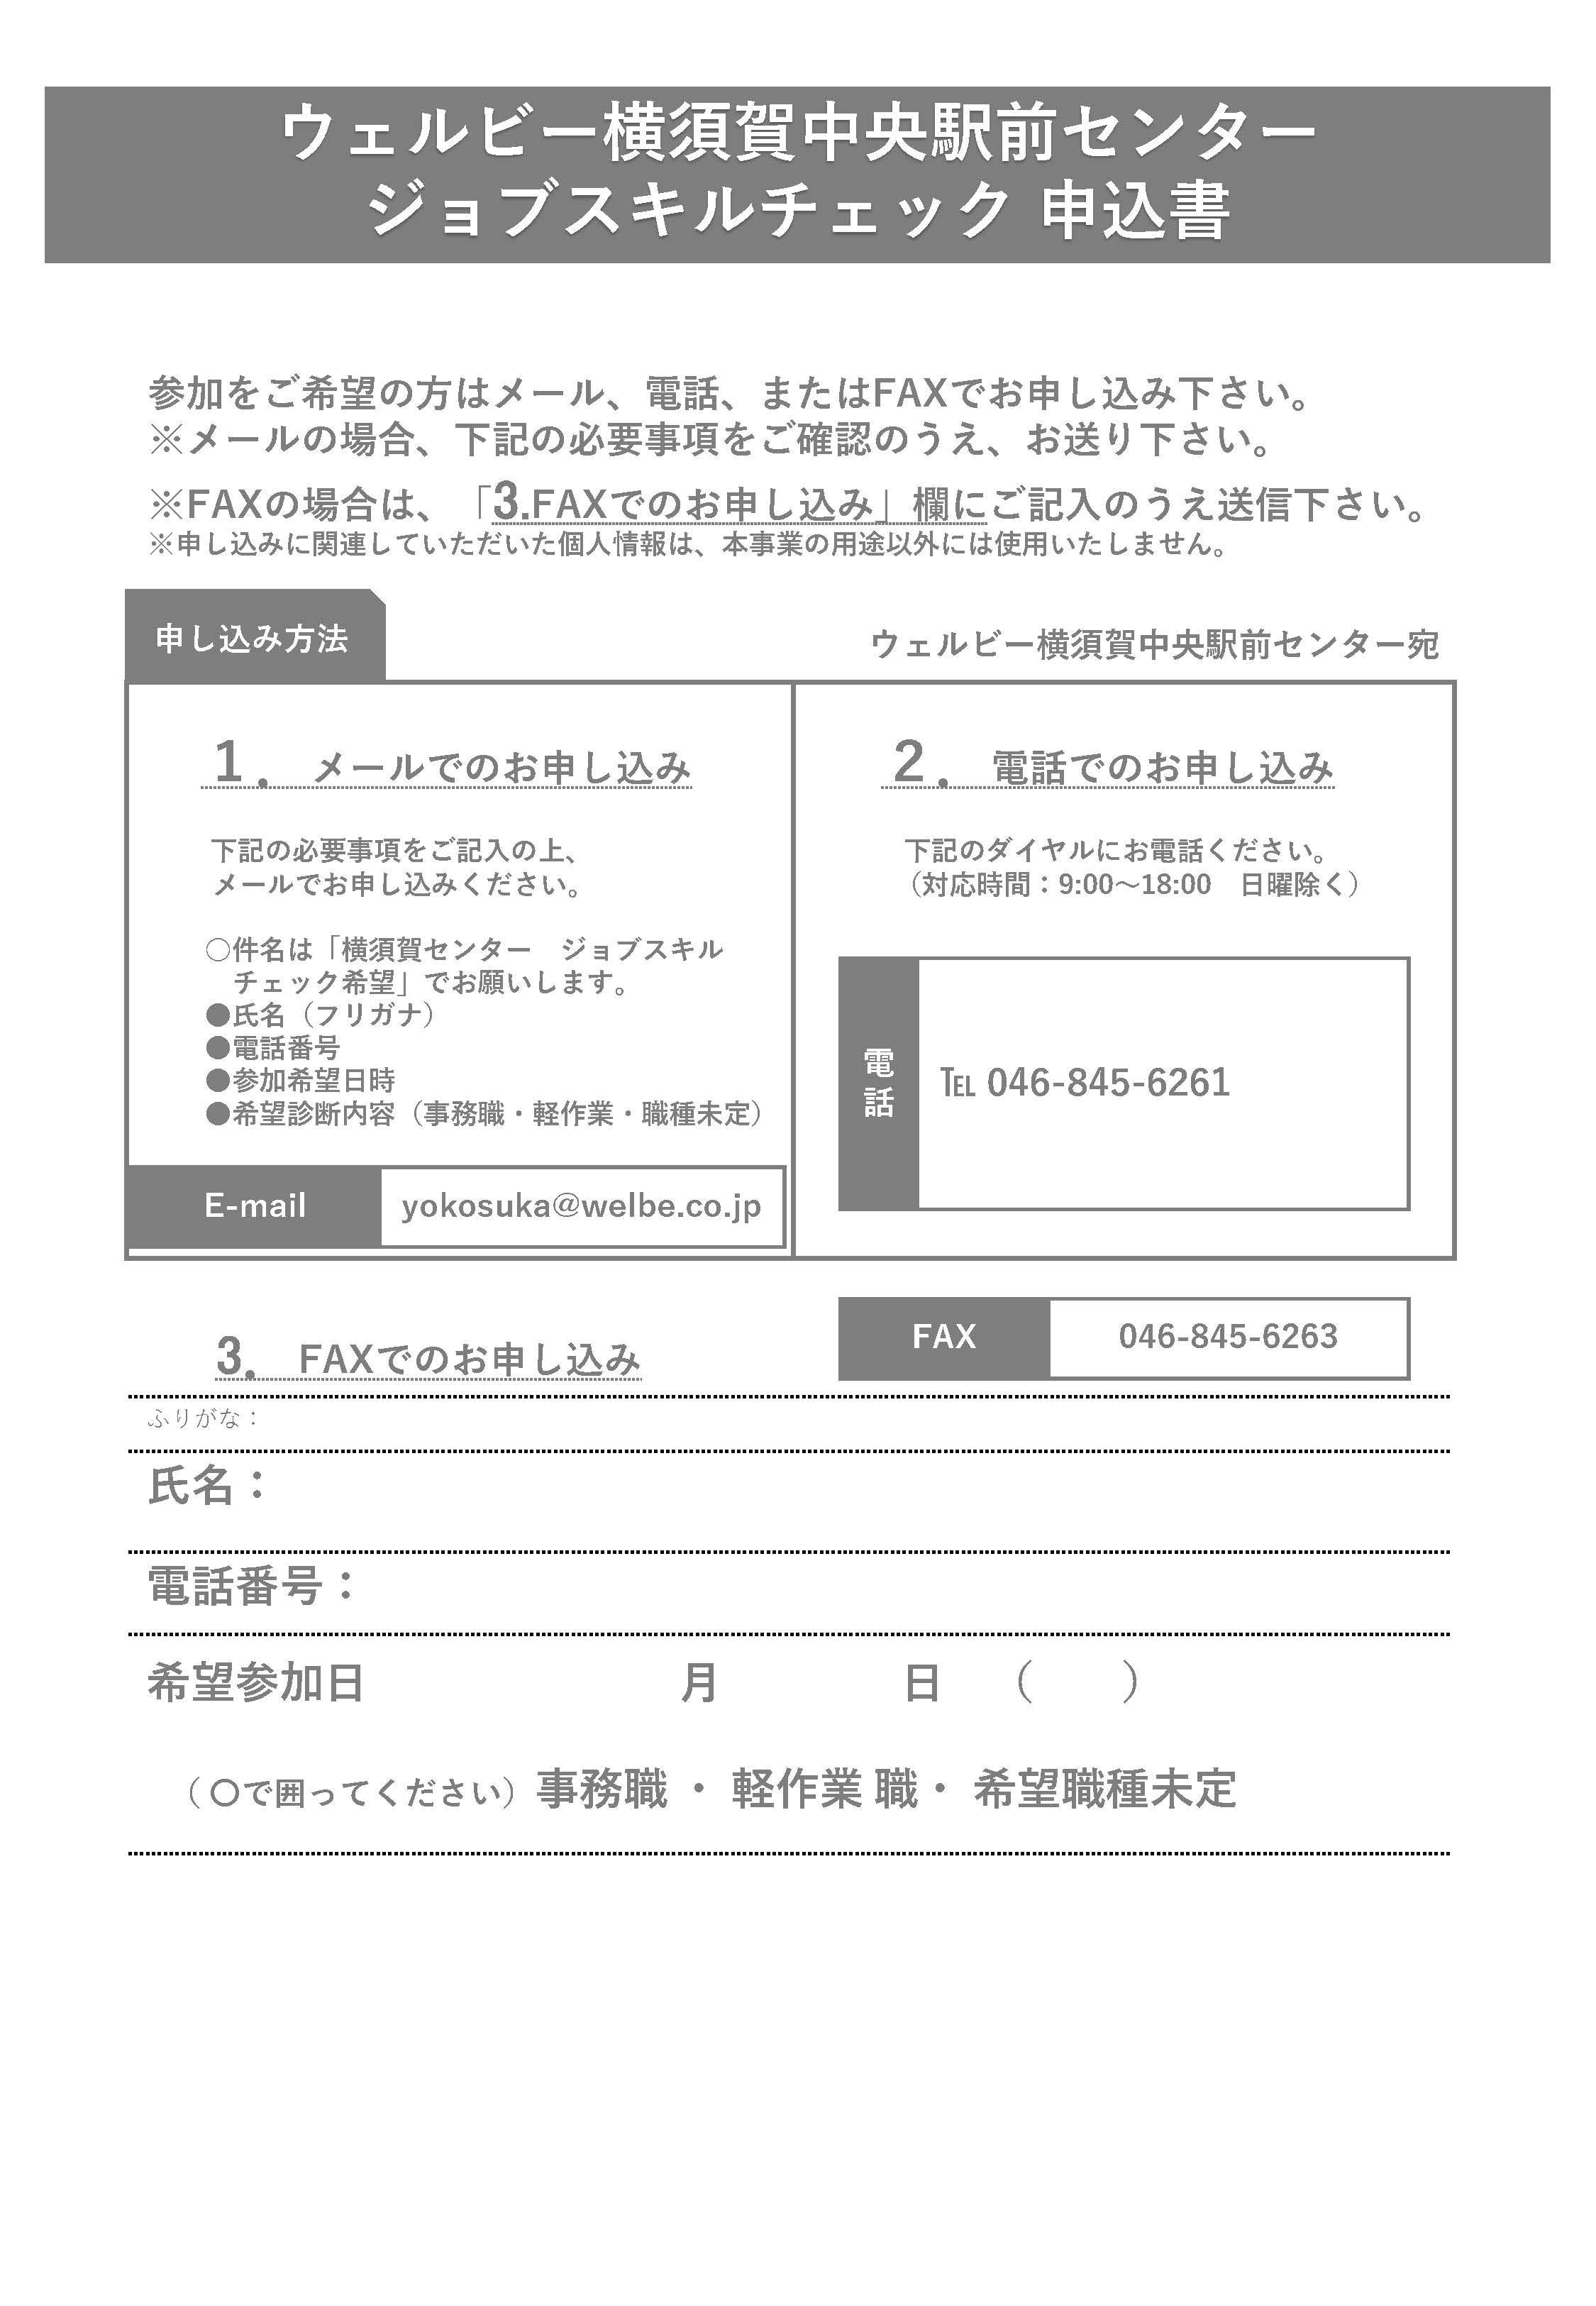 ウェルビー横須賀中央駅前センター_ページ_2